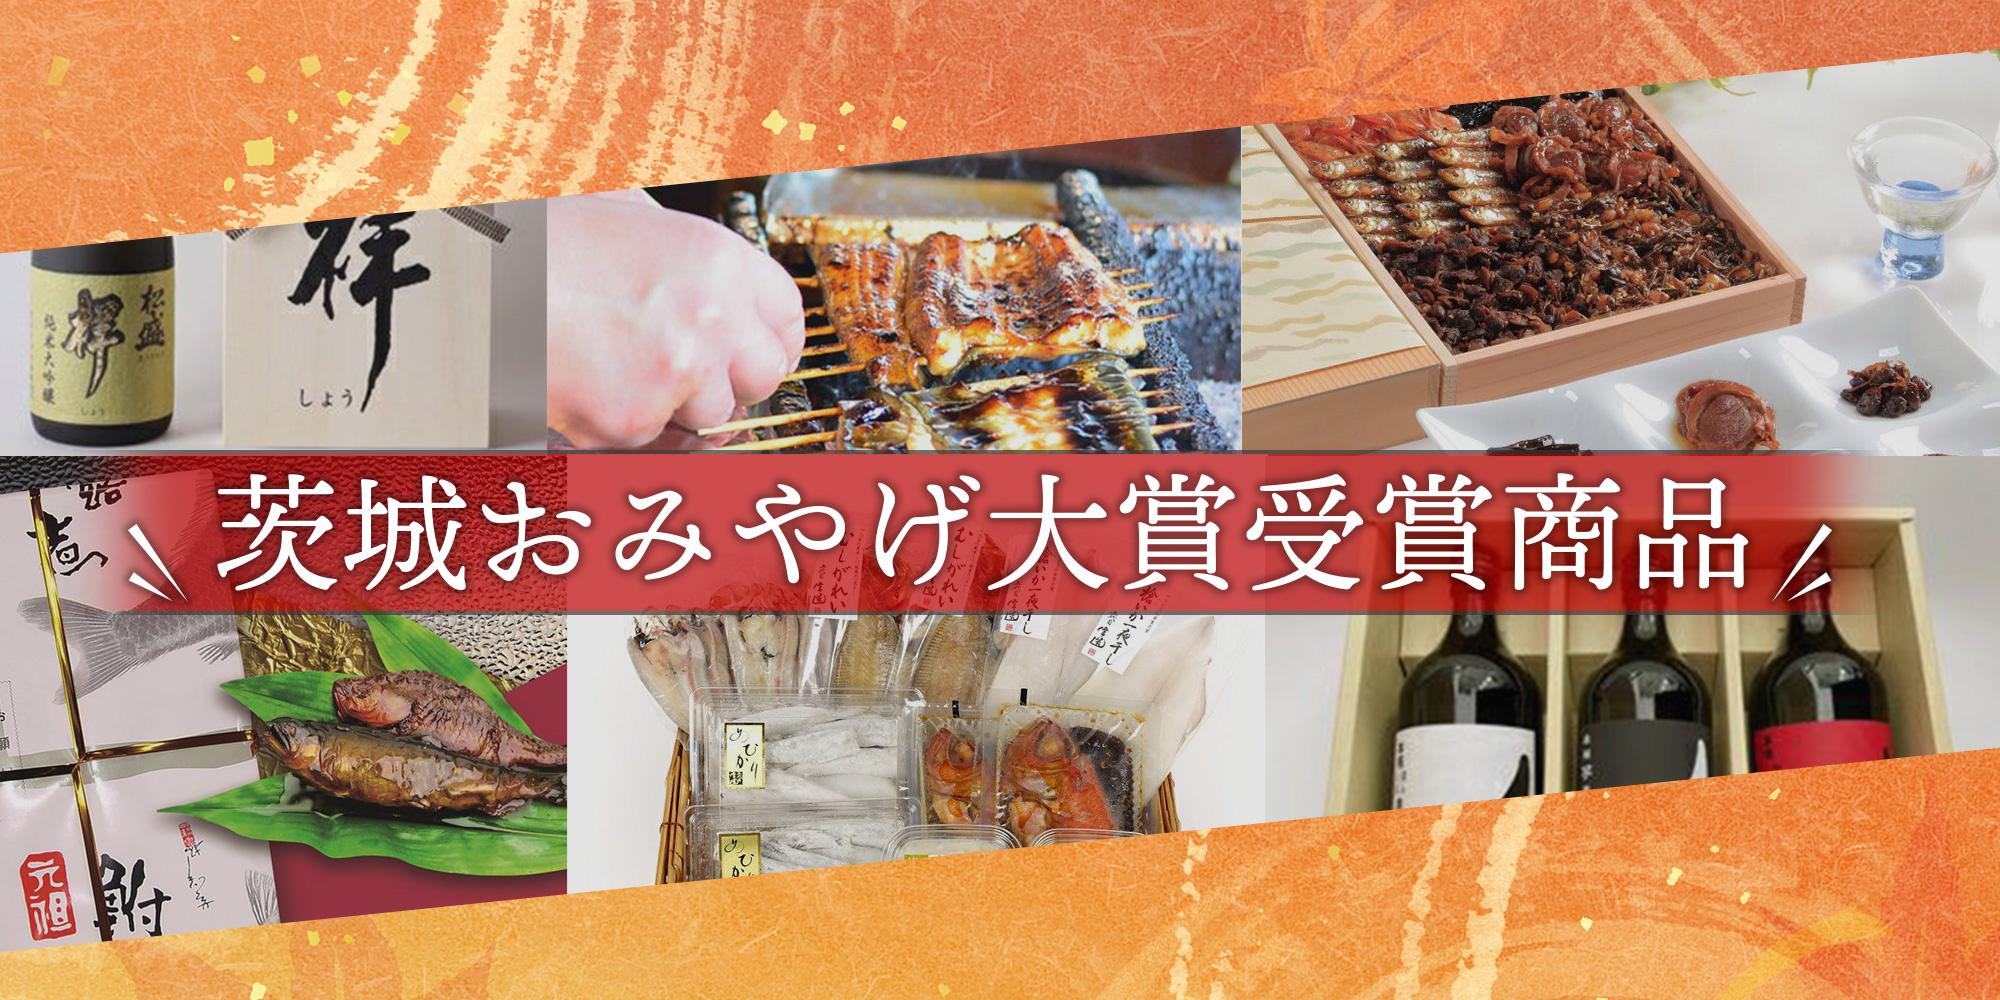 茨城おみやげ大賞受賞商品